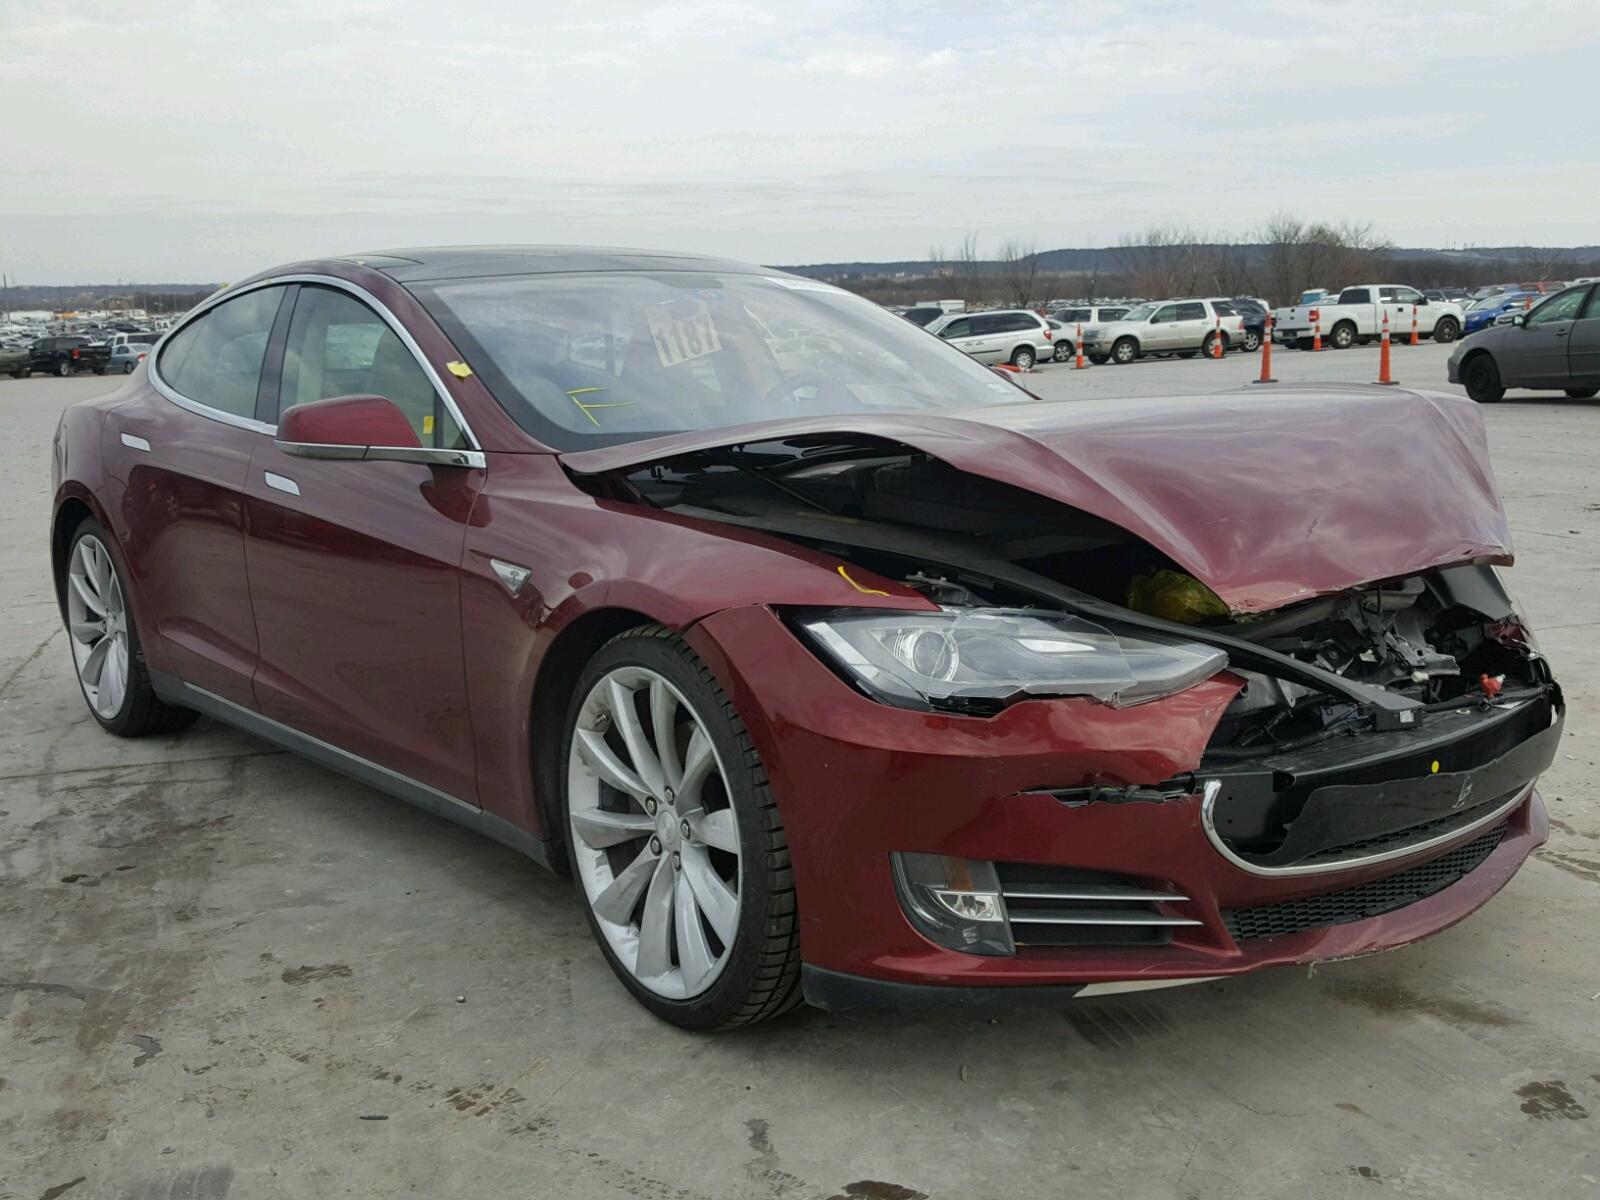 Auto Auction Ended On VIN YJSADNCFS TESLA MODEL S In - 2012 tesla model s